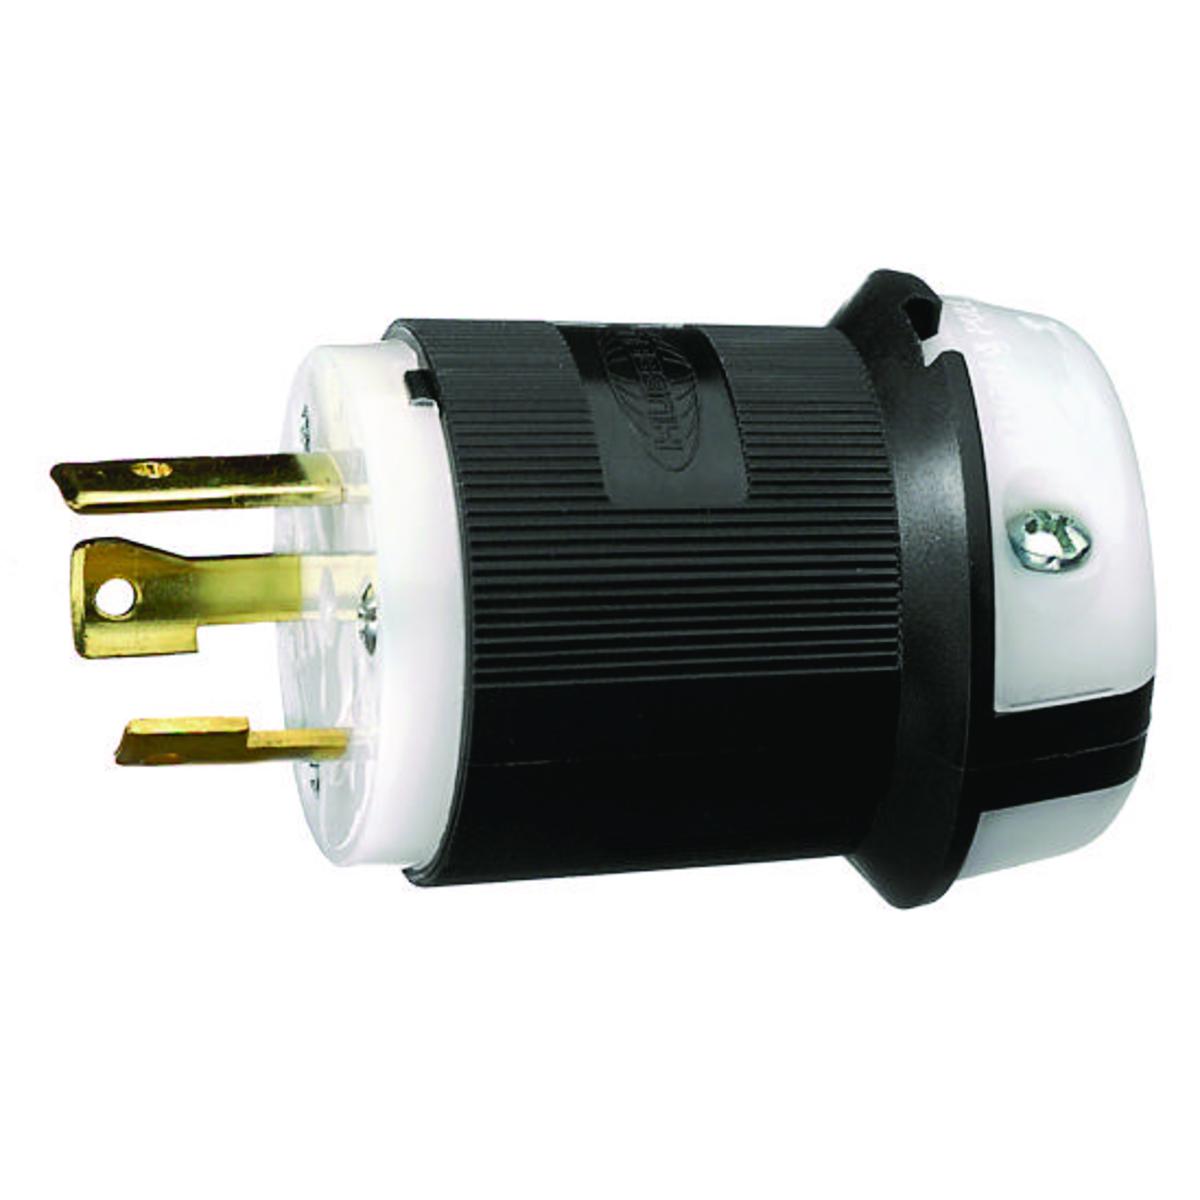 New Hubbell HBL2621BK HBL Insulgrip Twist-Lock Plug 2621 30A 250V